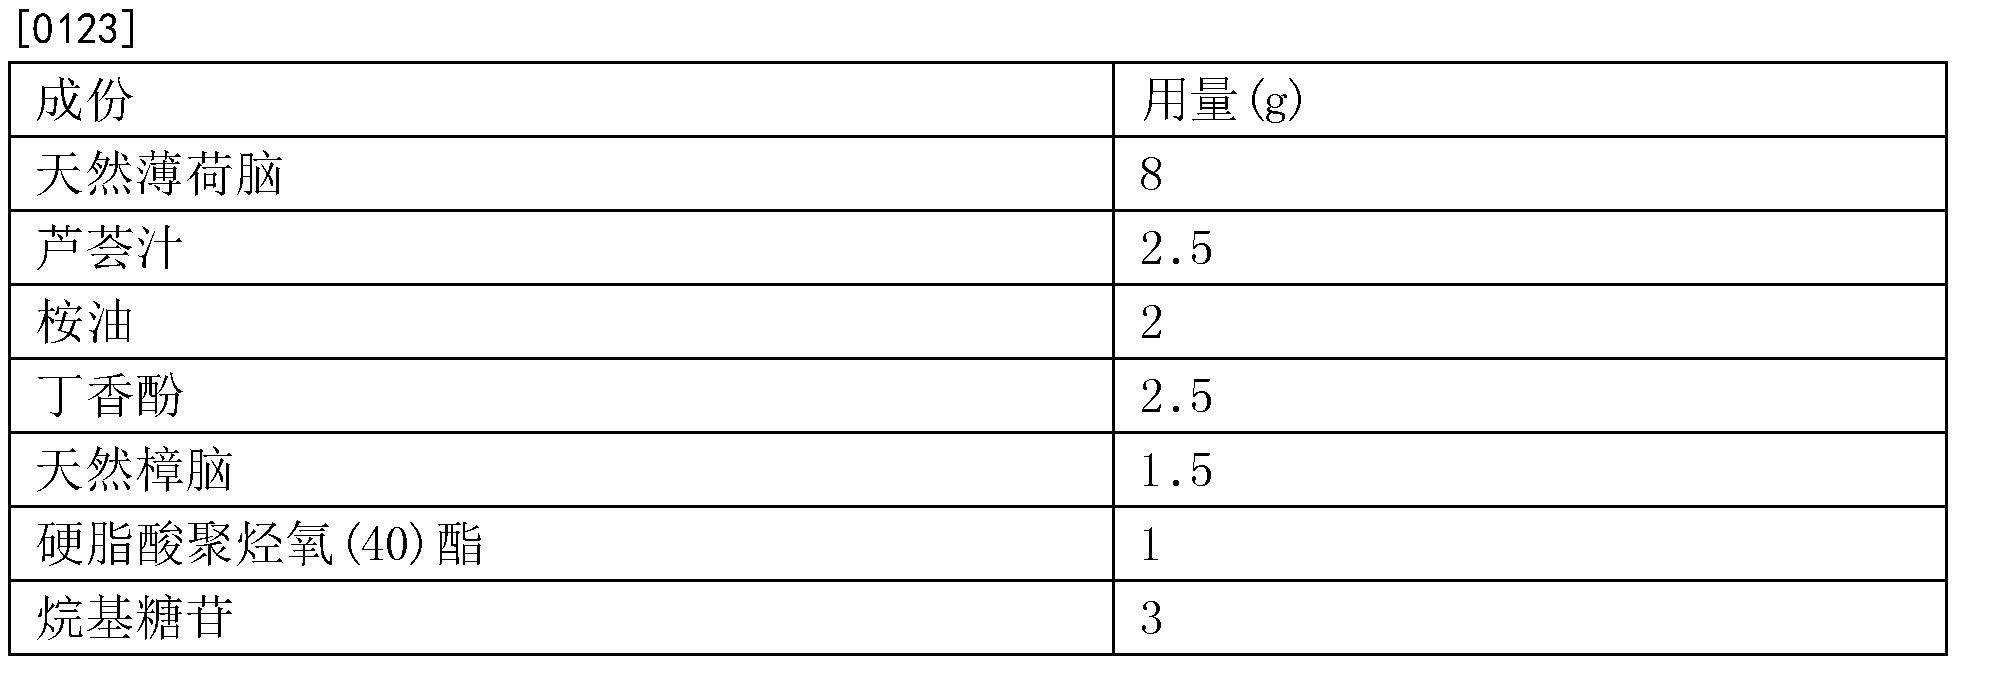 Figure CN105770237BD00152